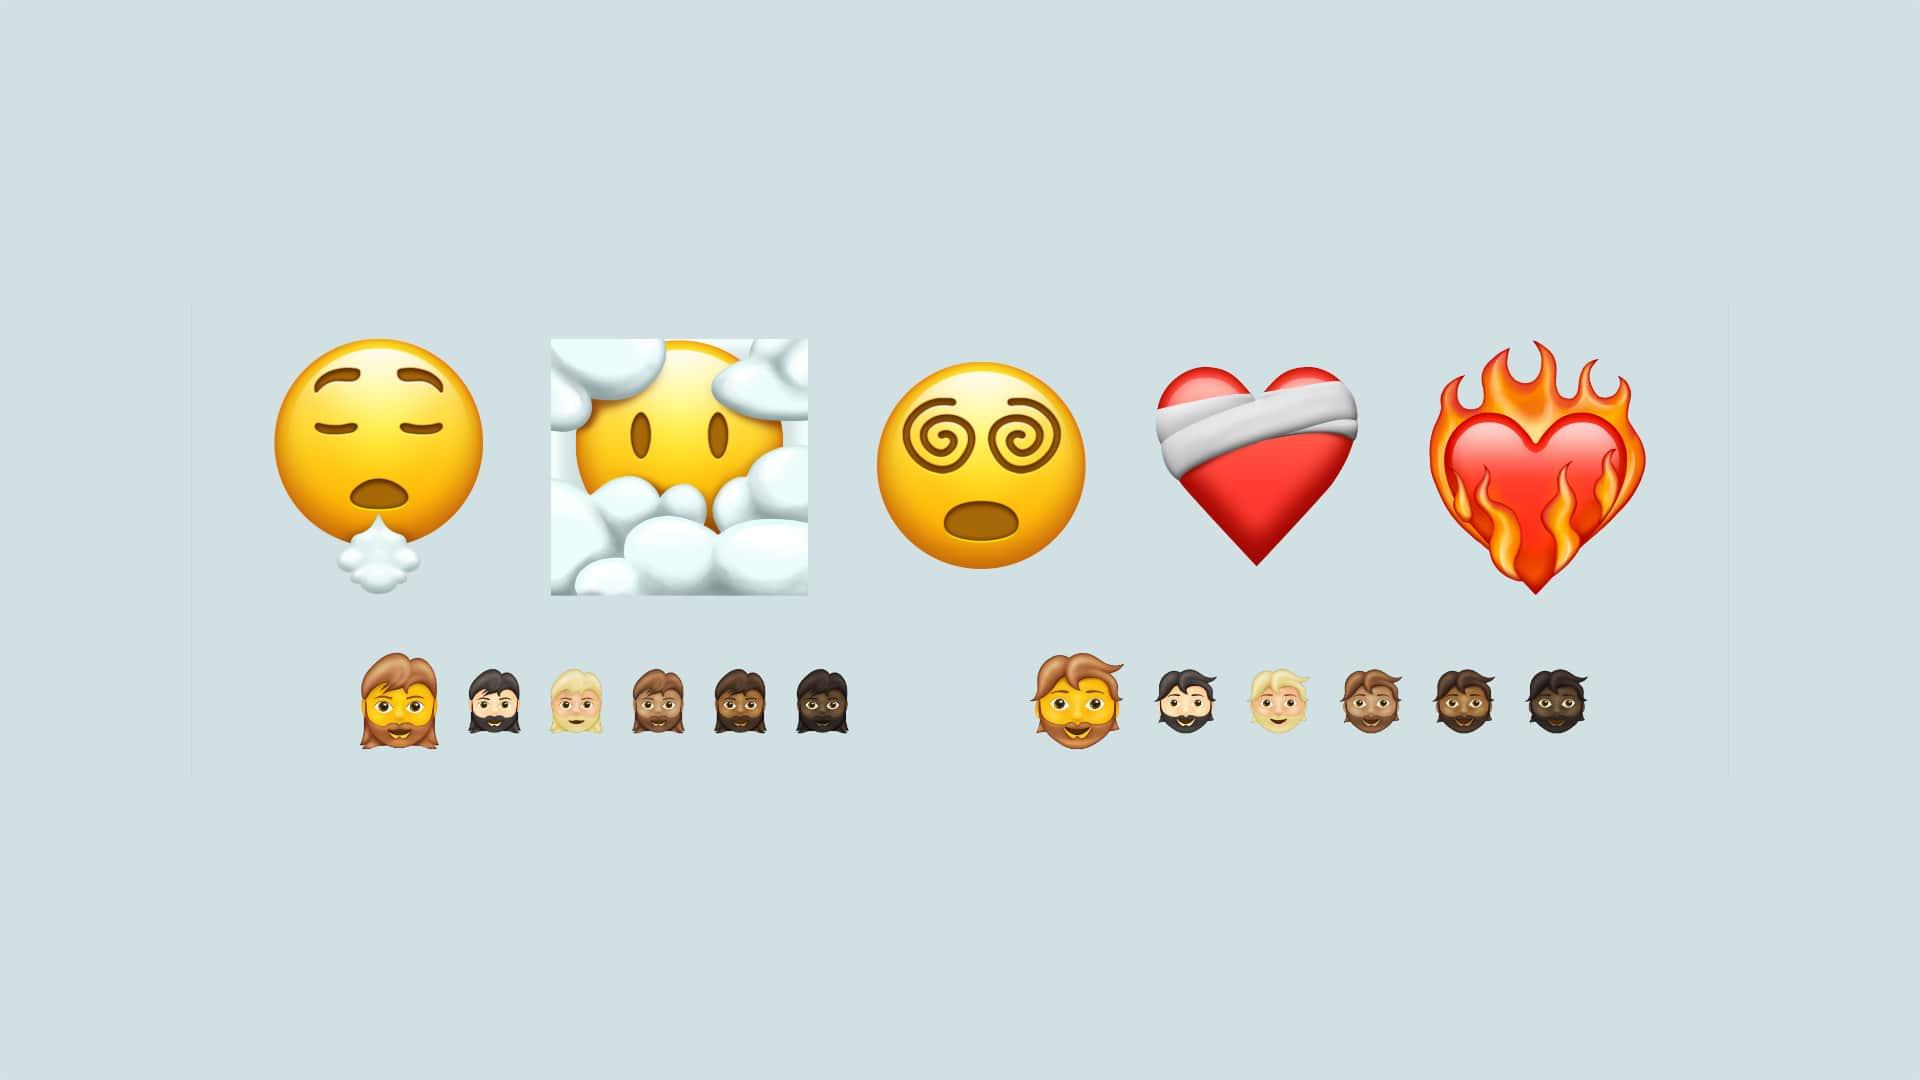 Apple lanzará nuevos e incluyentes emojis para iPhone